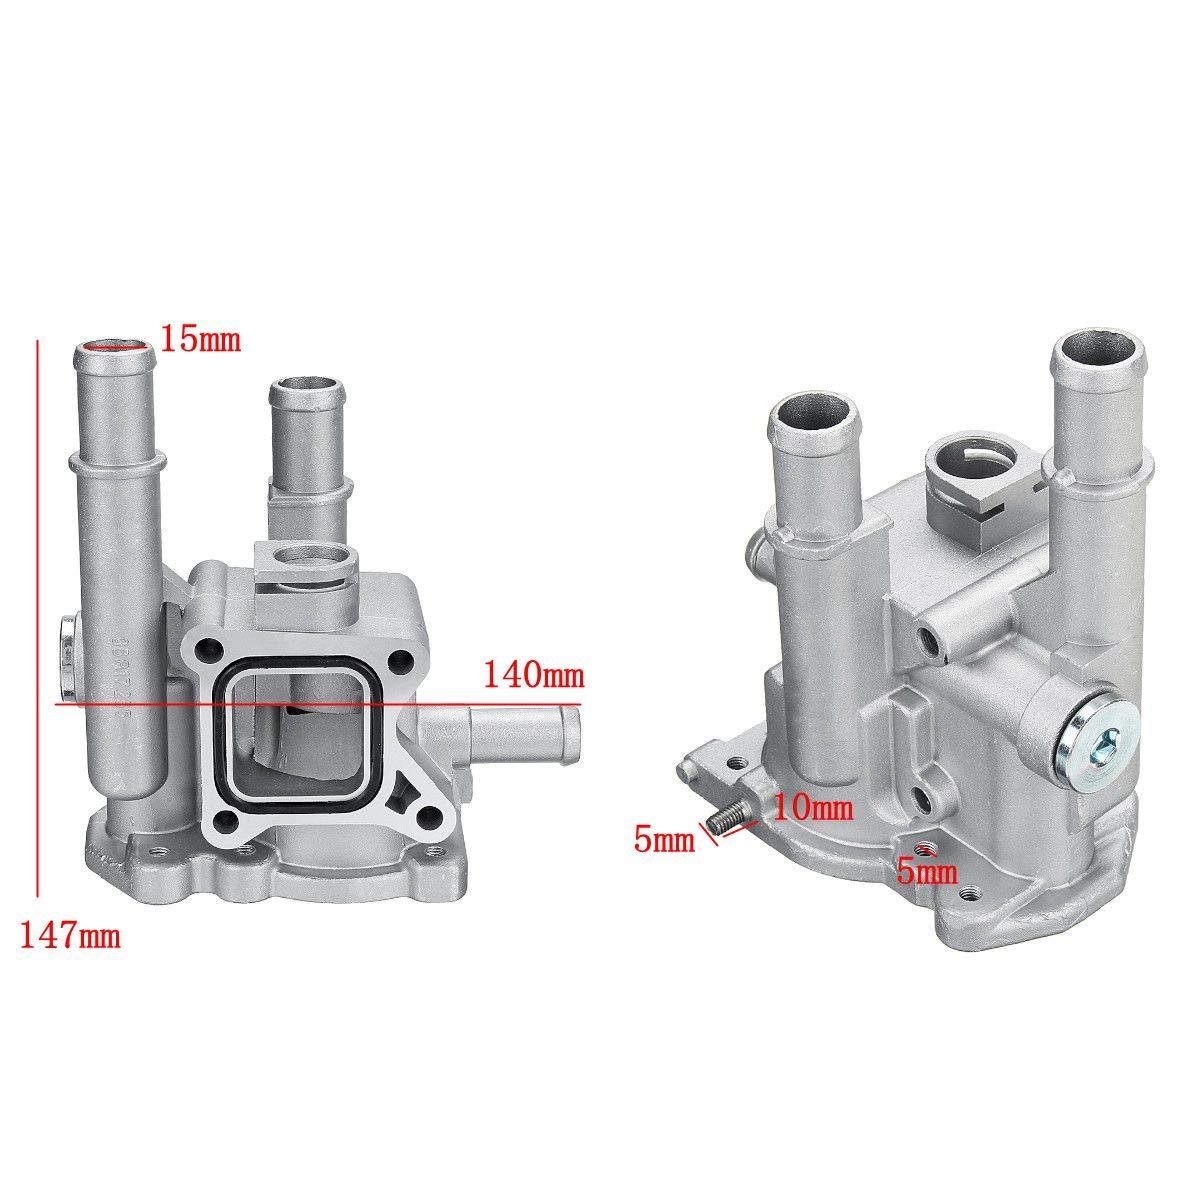 Amazon.com: Udele-Store - Carcasa termostato de aluminio ...